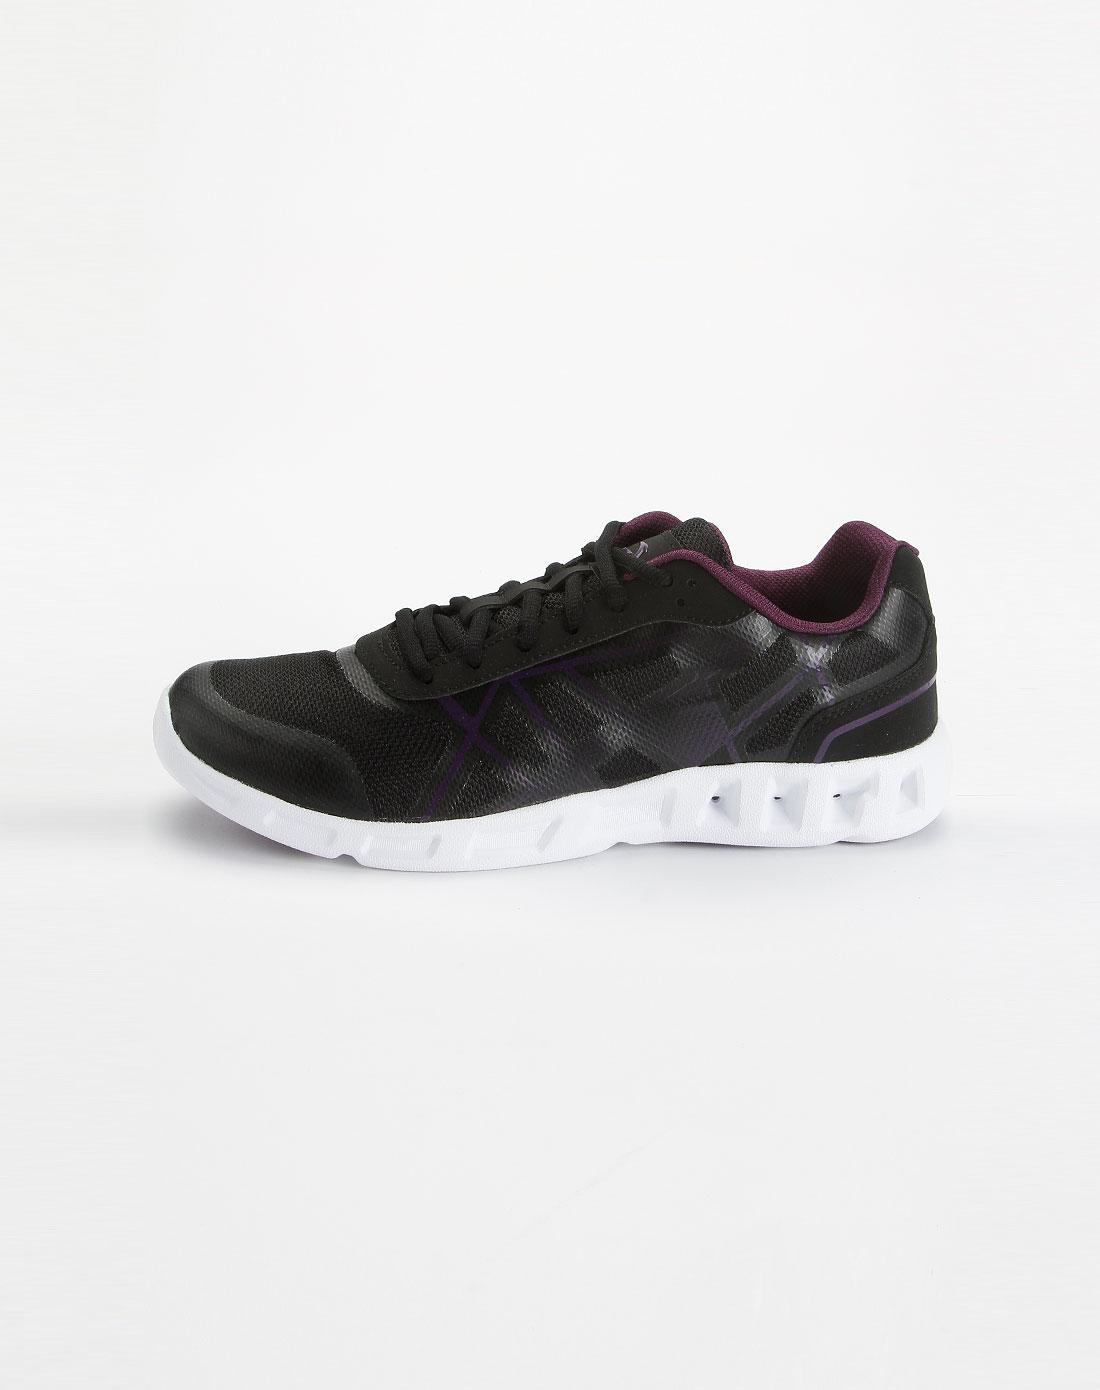 黑色时尚休闲运动鞋61221750-3